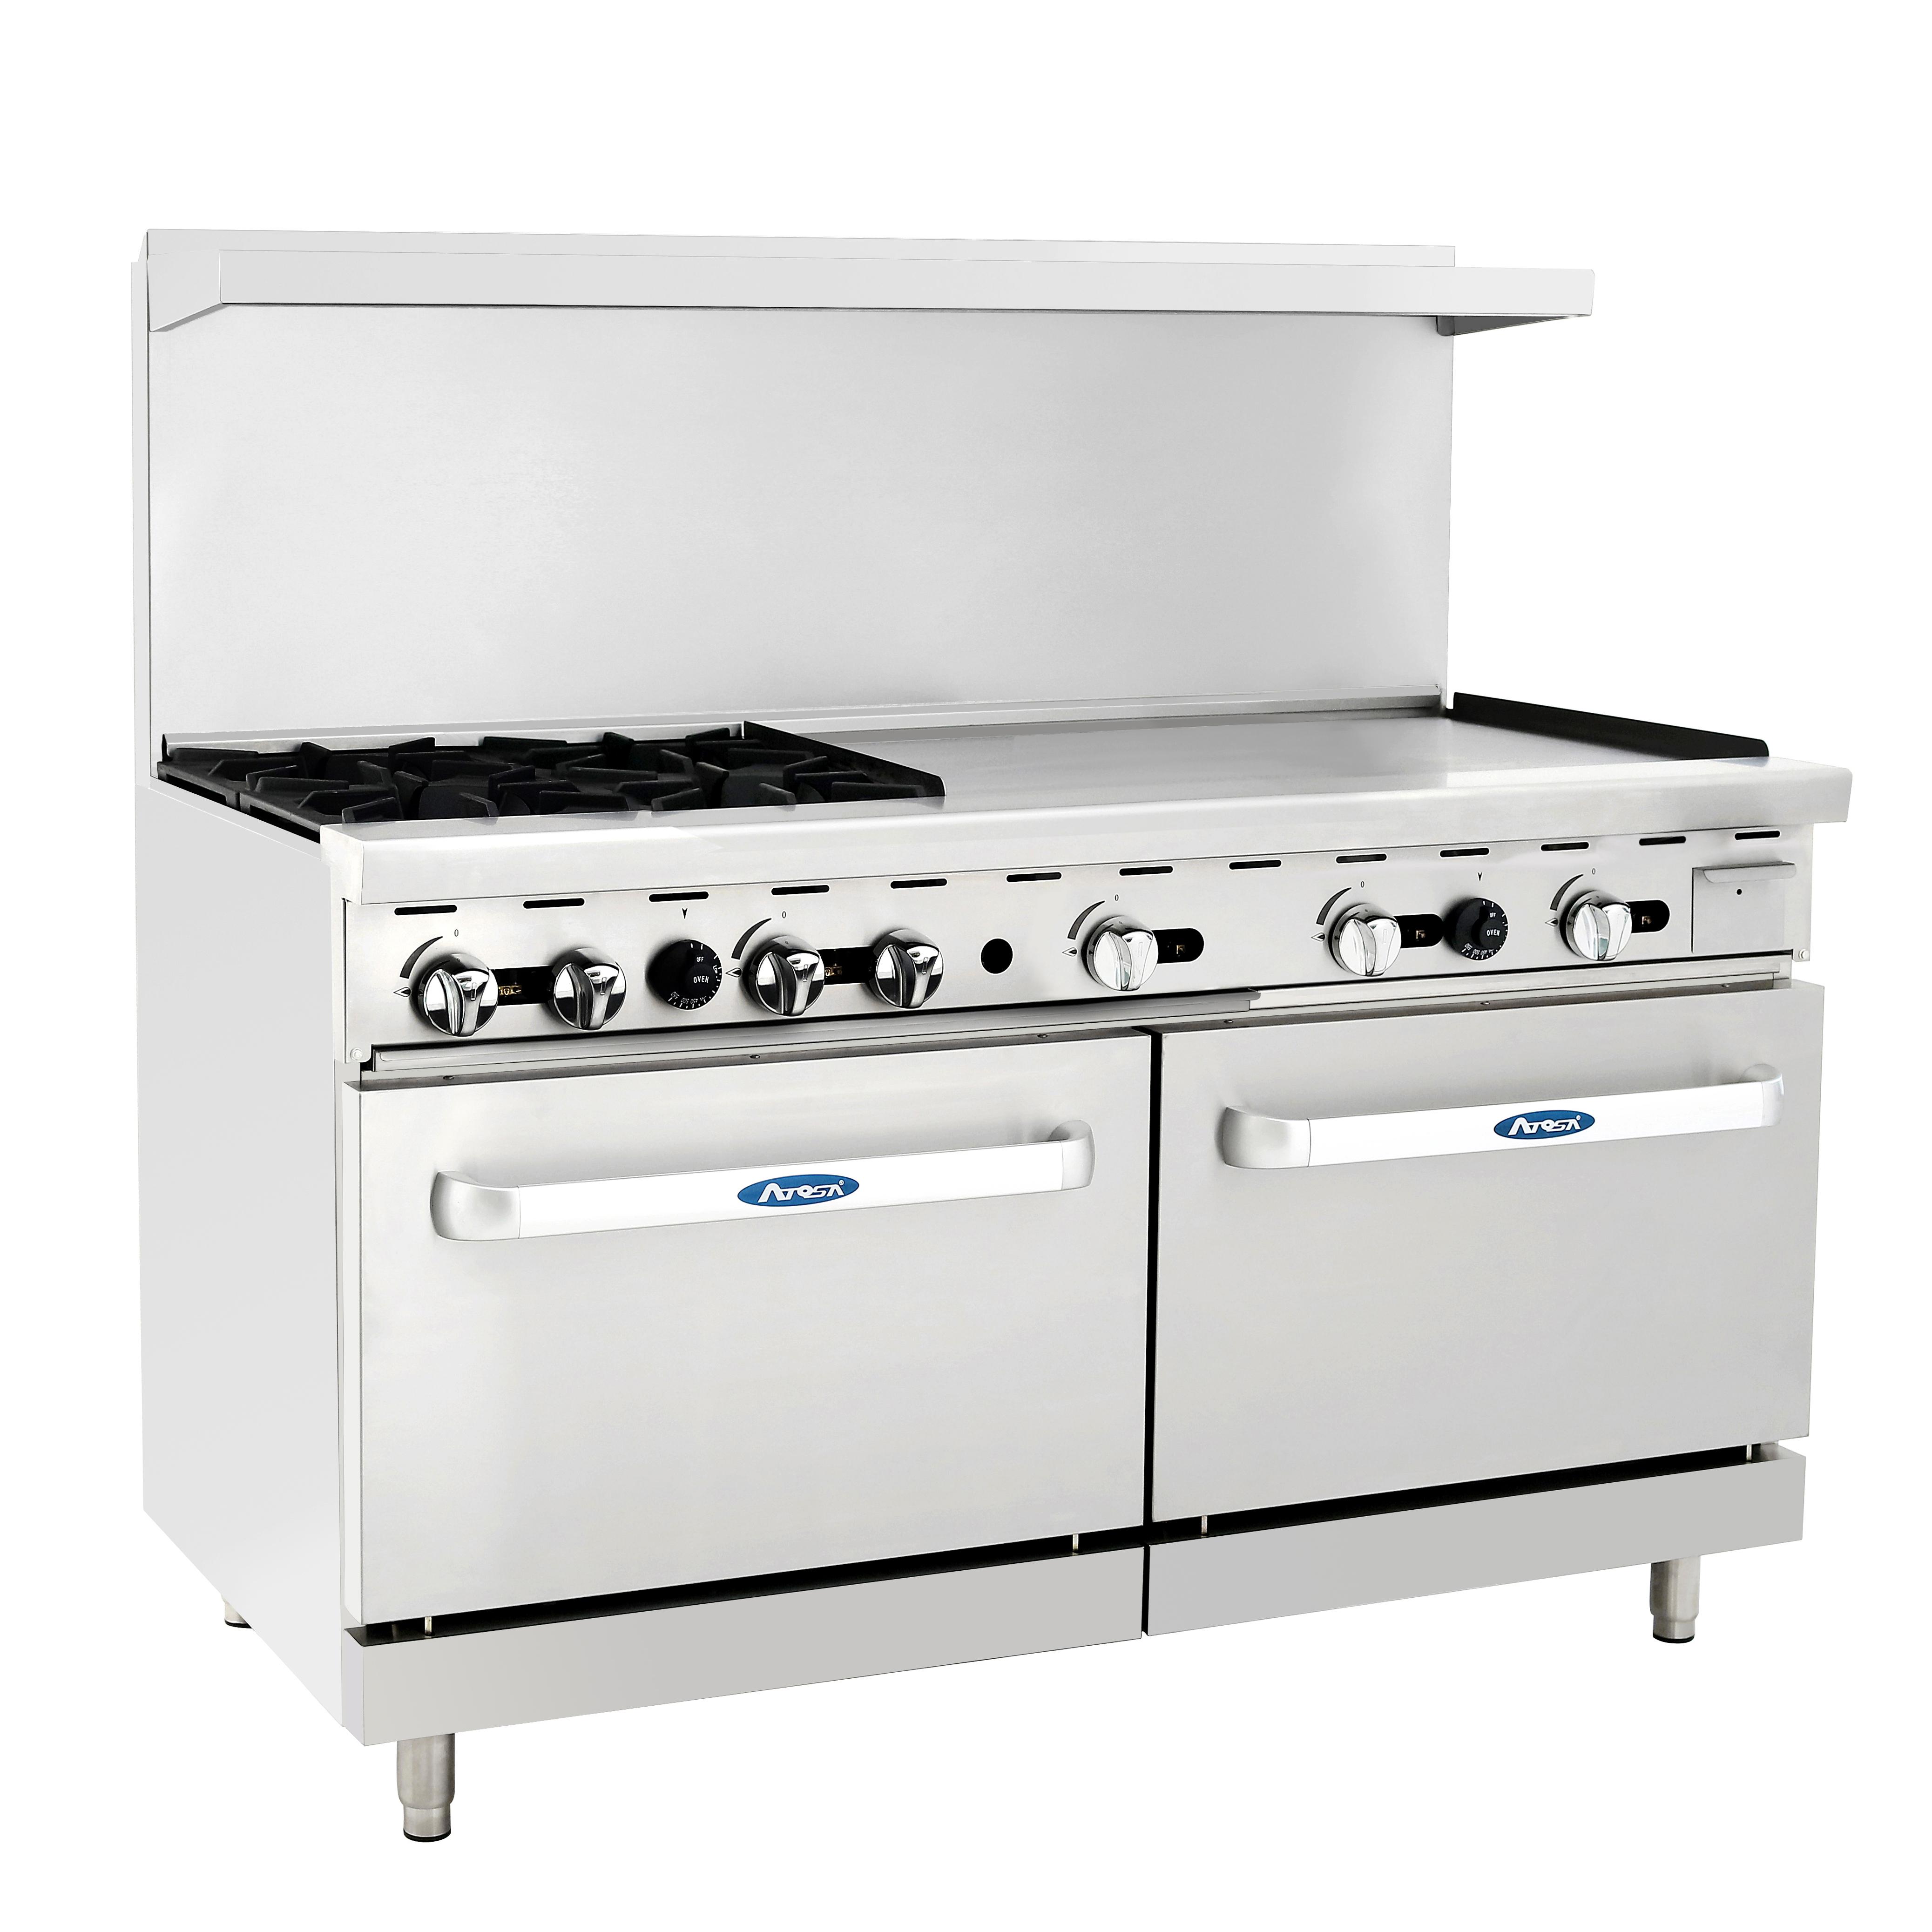 Atosa USA ATO-4B36G range, 60 restaurant, gas